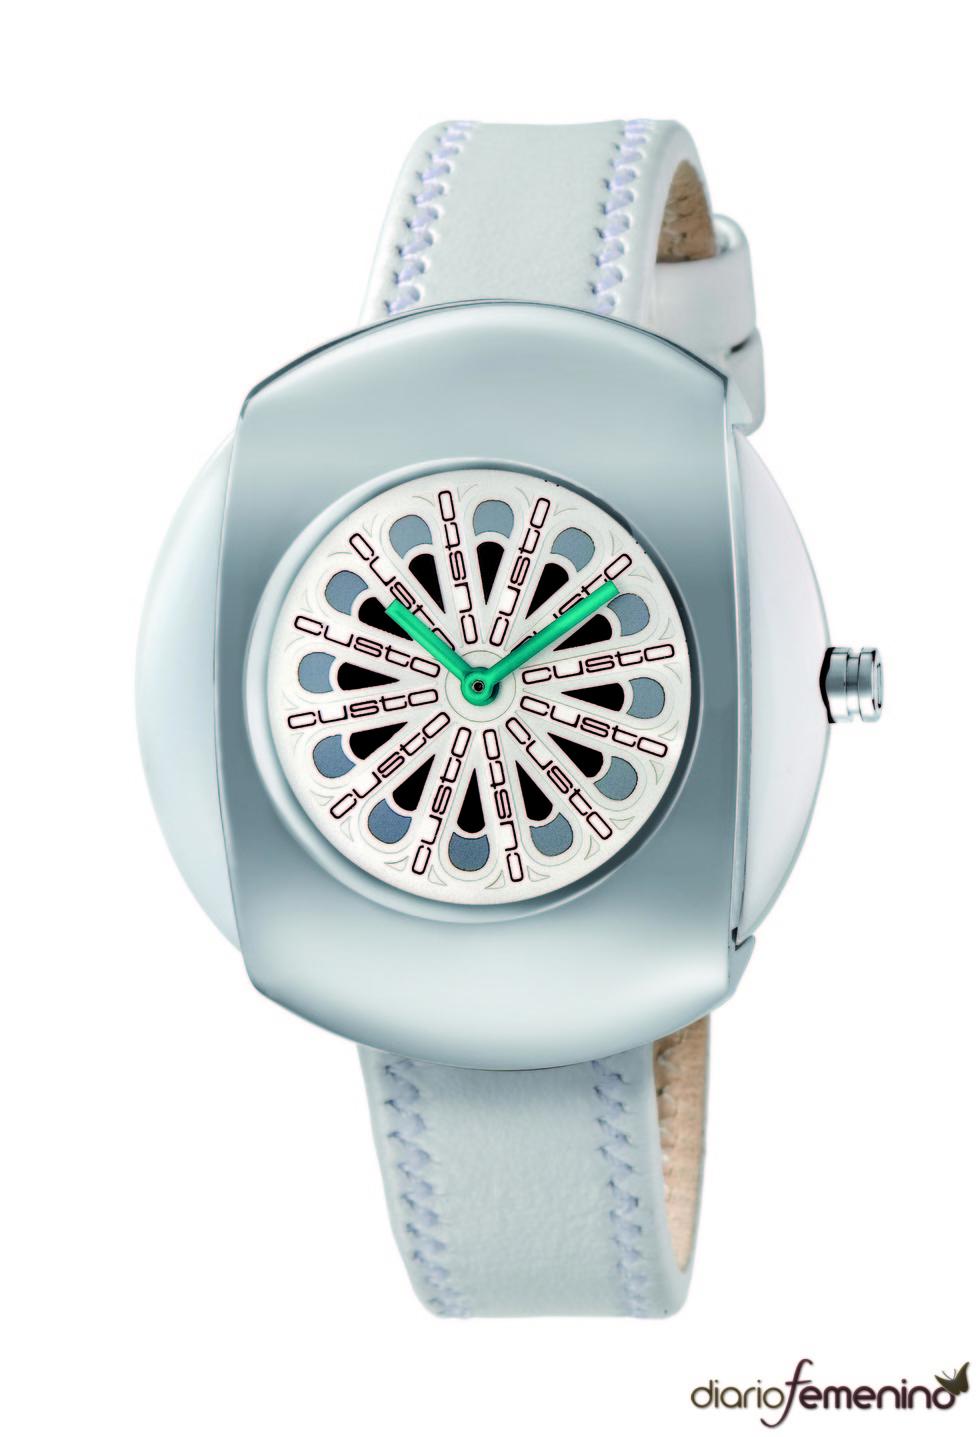 Reloj original de Custo on Time!